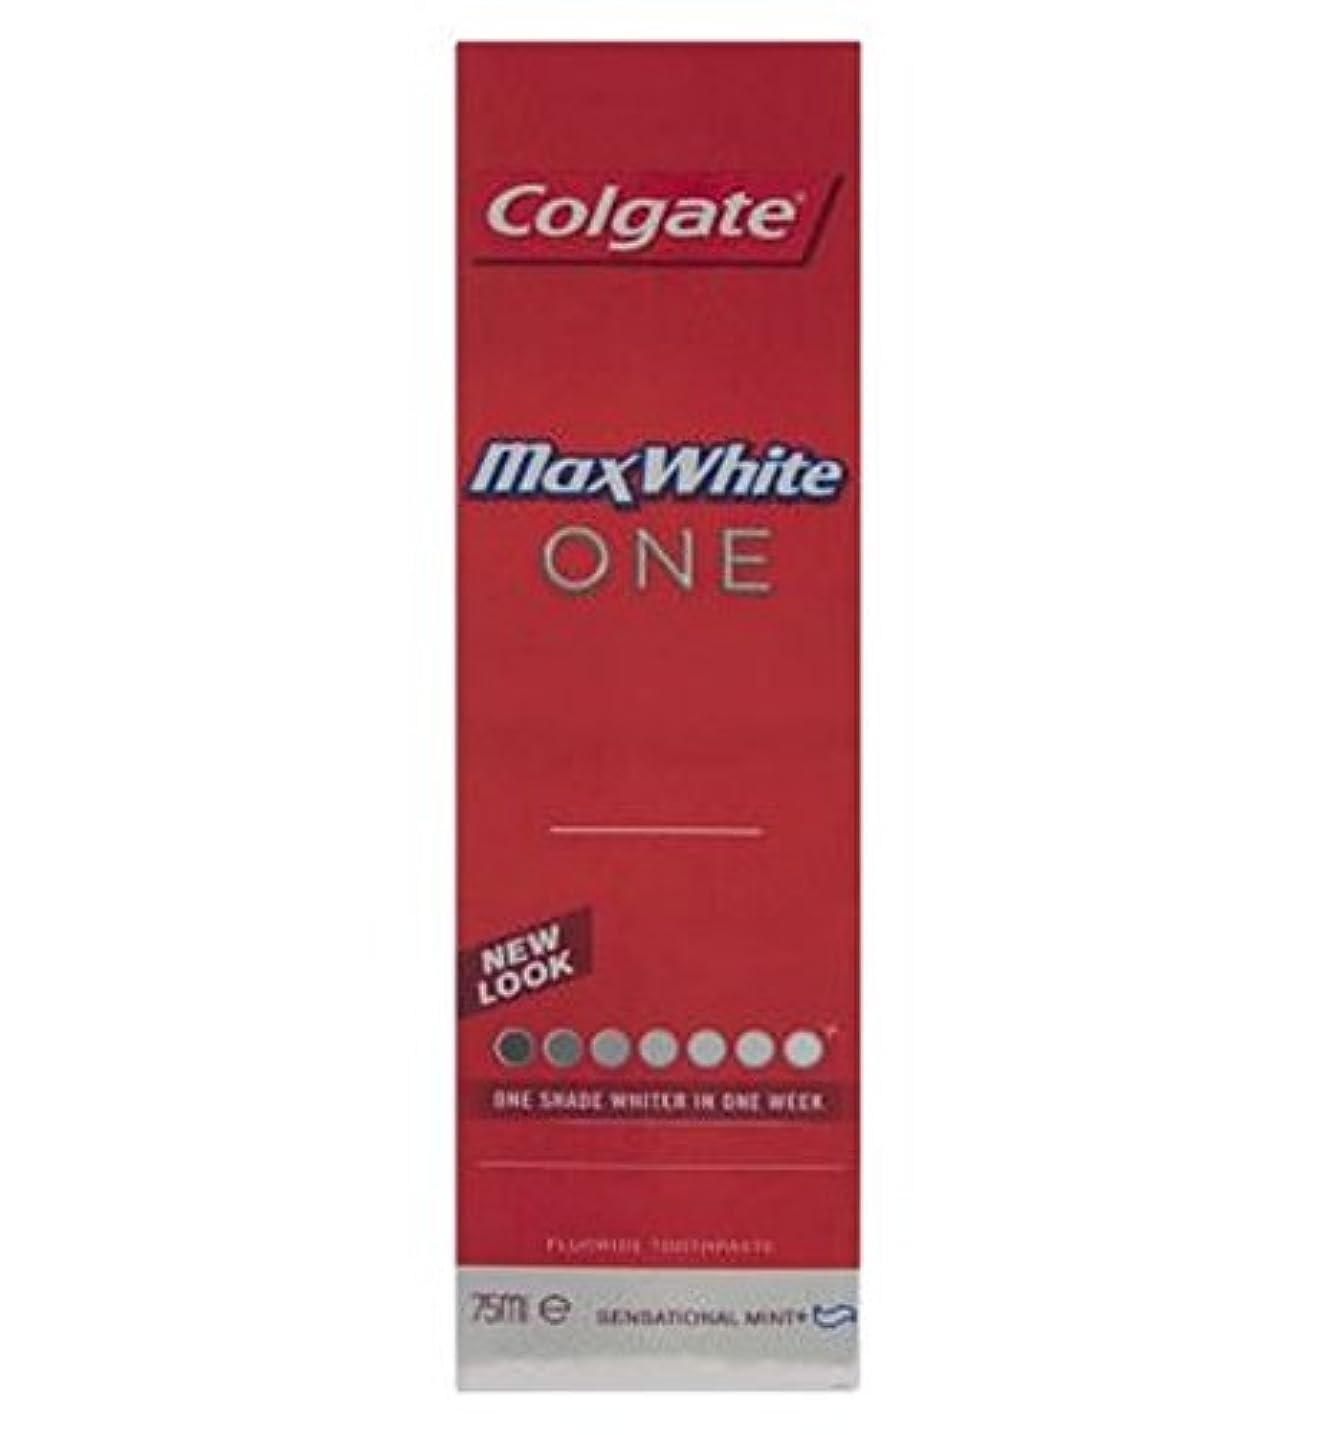 パズルダーベビルのテスライラックコルゲートマックスホワイト1新鮮な歯磨き粉75ミリリットル (Colgate) (x2) - Colgate Max White One Fresh toothpaste 75ml (Pack of 2) [並行輸入品]